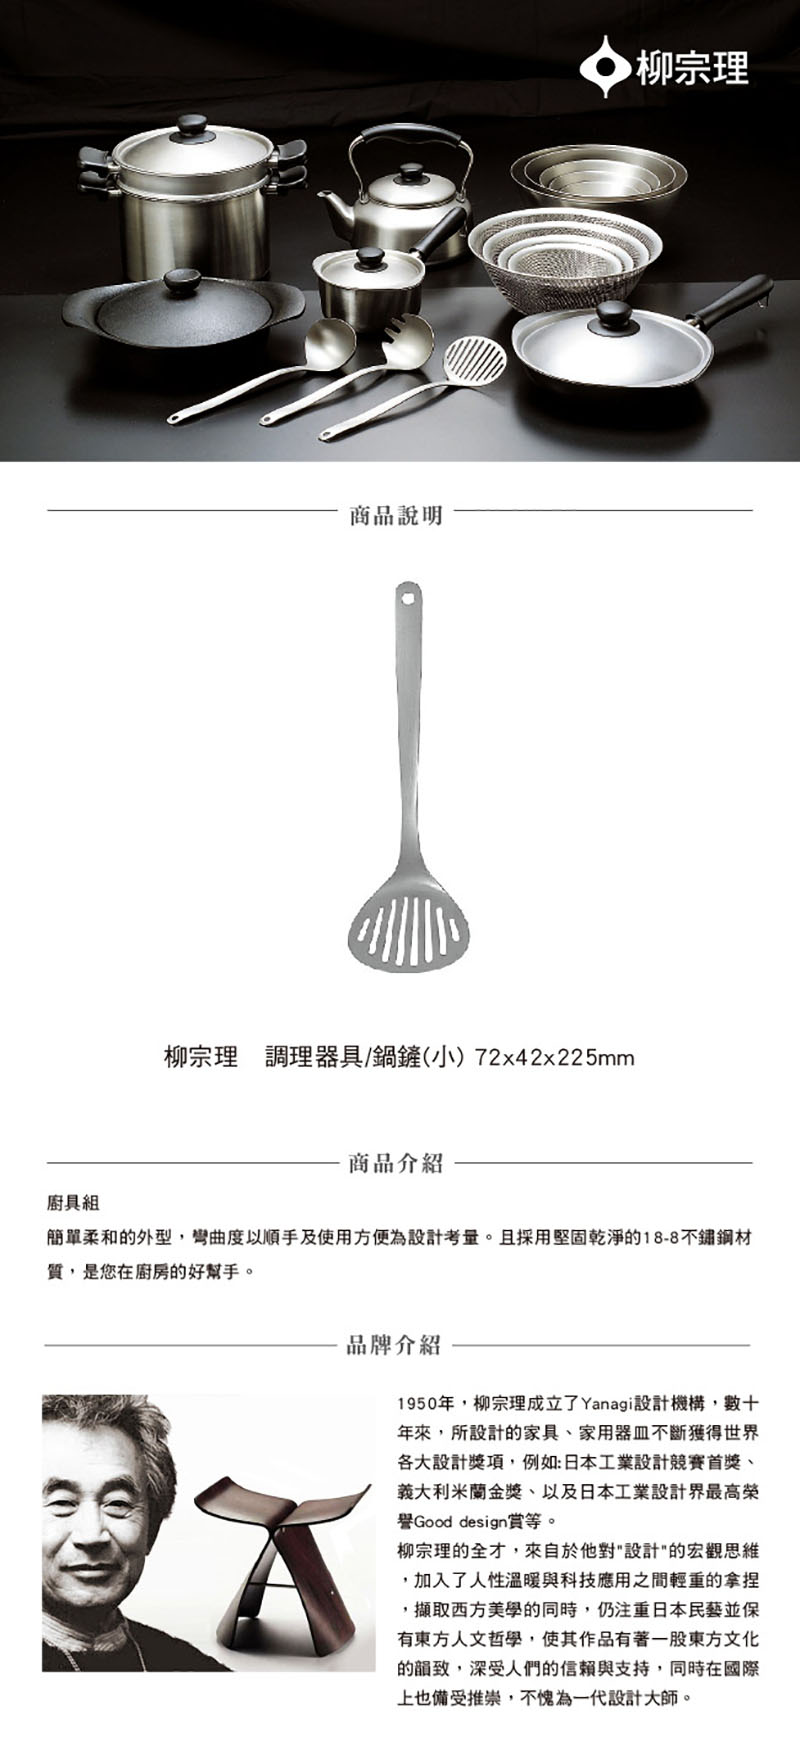 日本 柳宗理 不鏽鋼調理器具鍋鏟 (小)